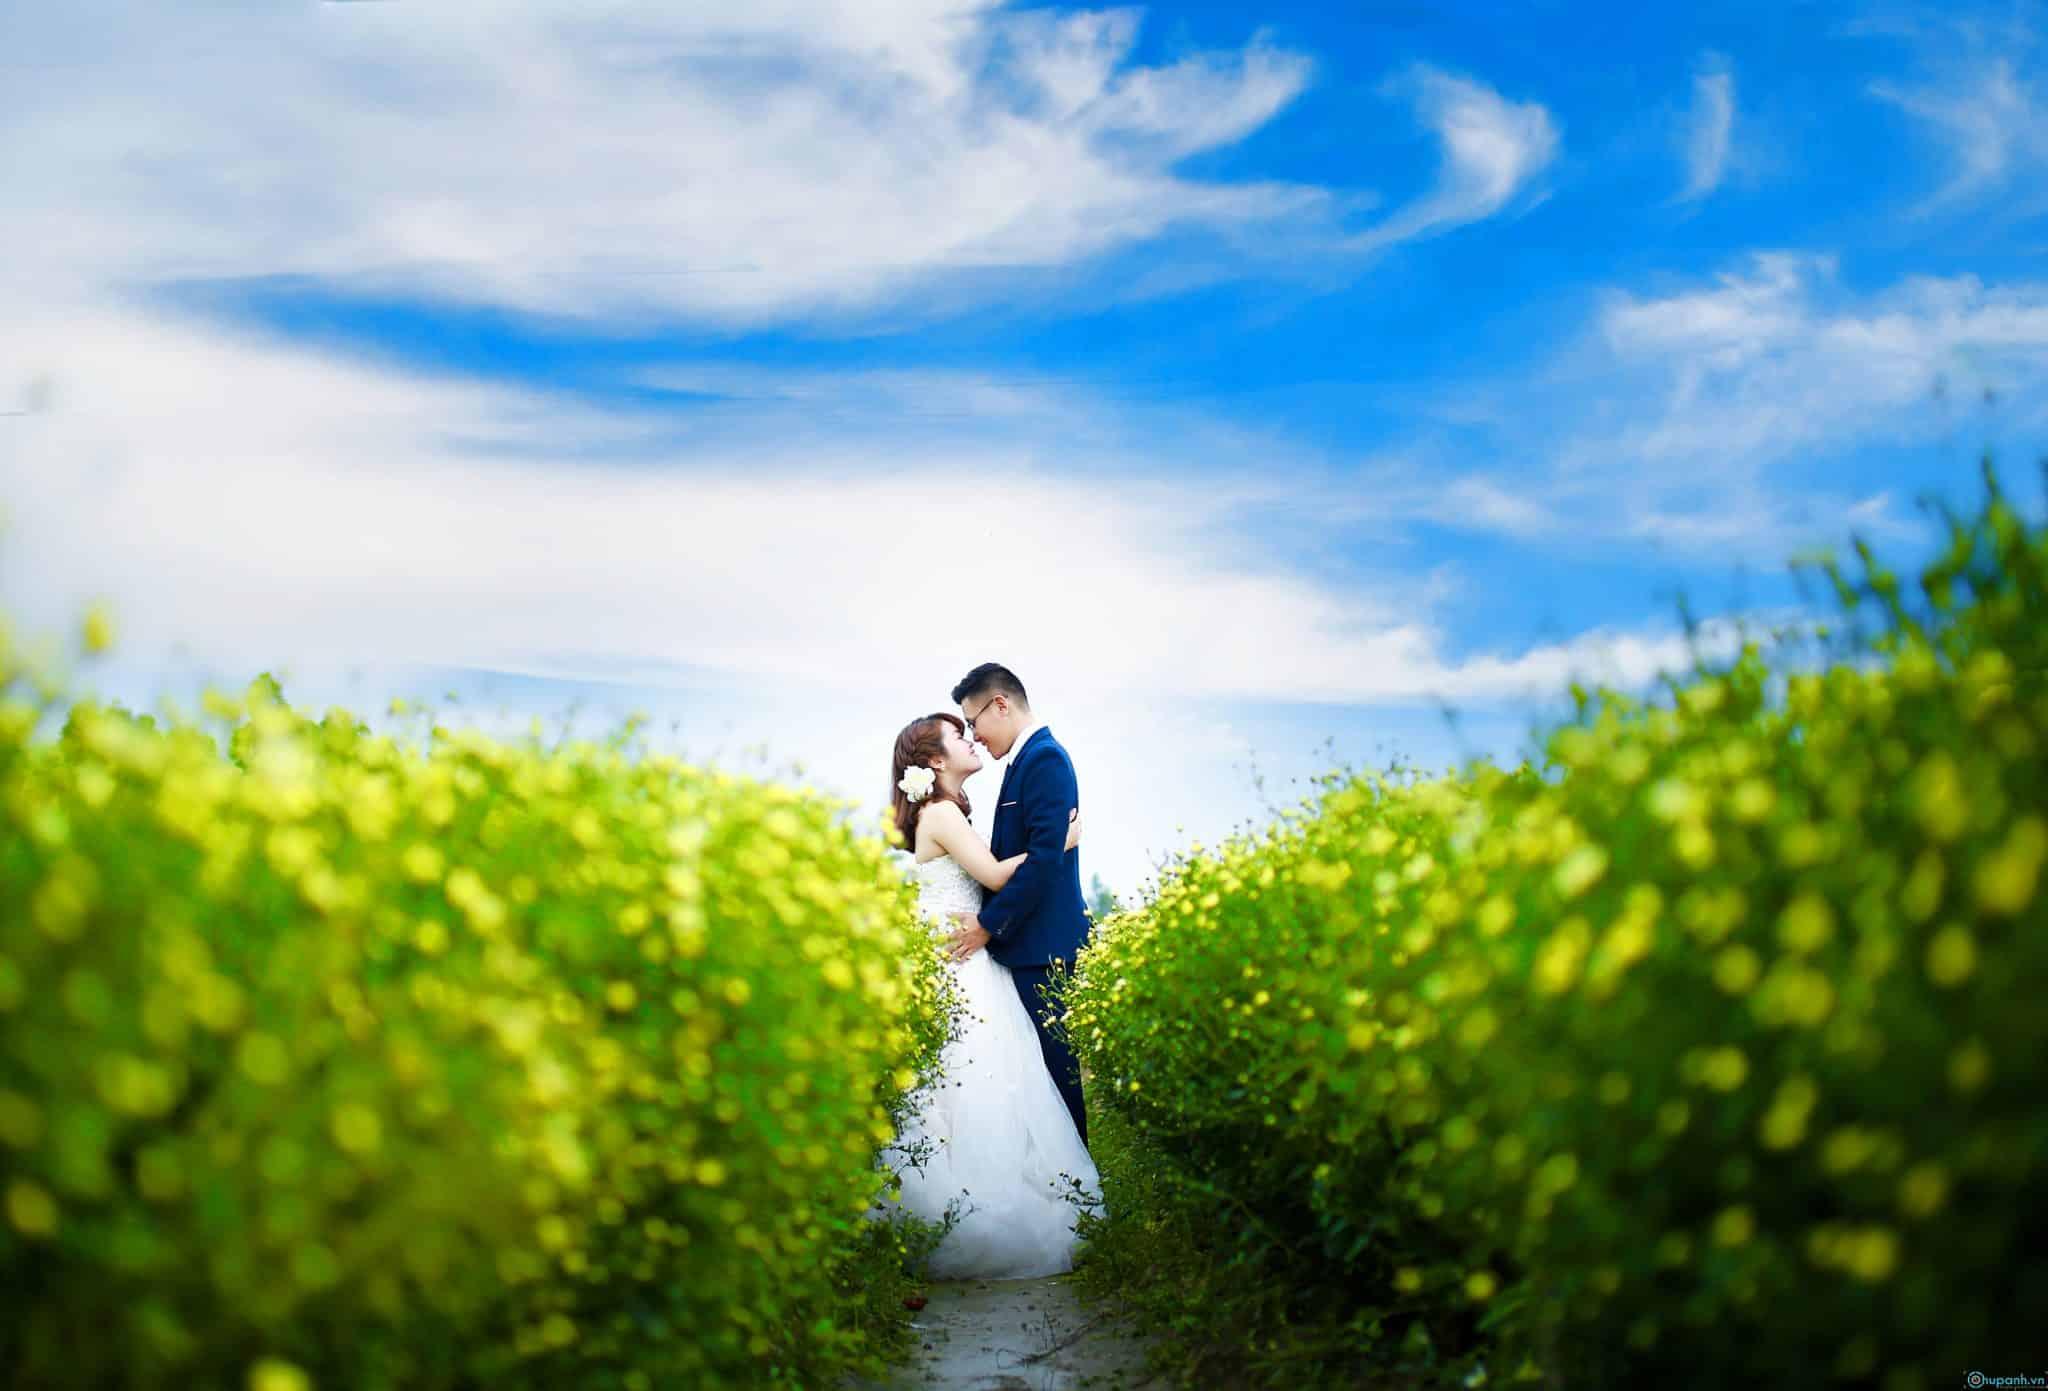 2. Chụp ảnh cưới tại địa điểm nổi tiếng